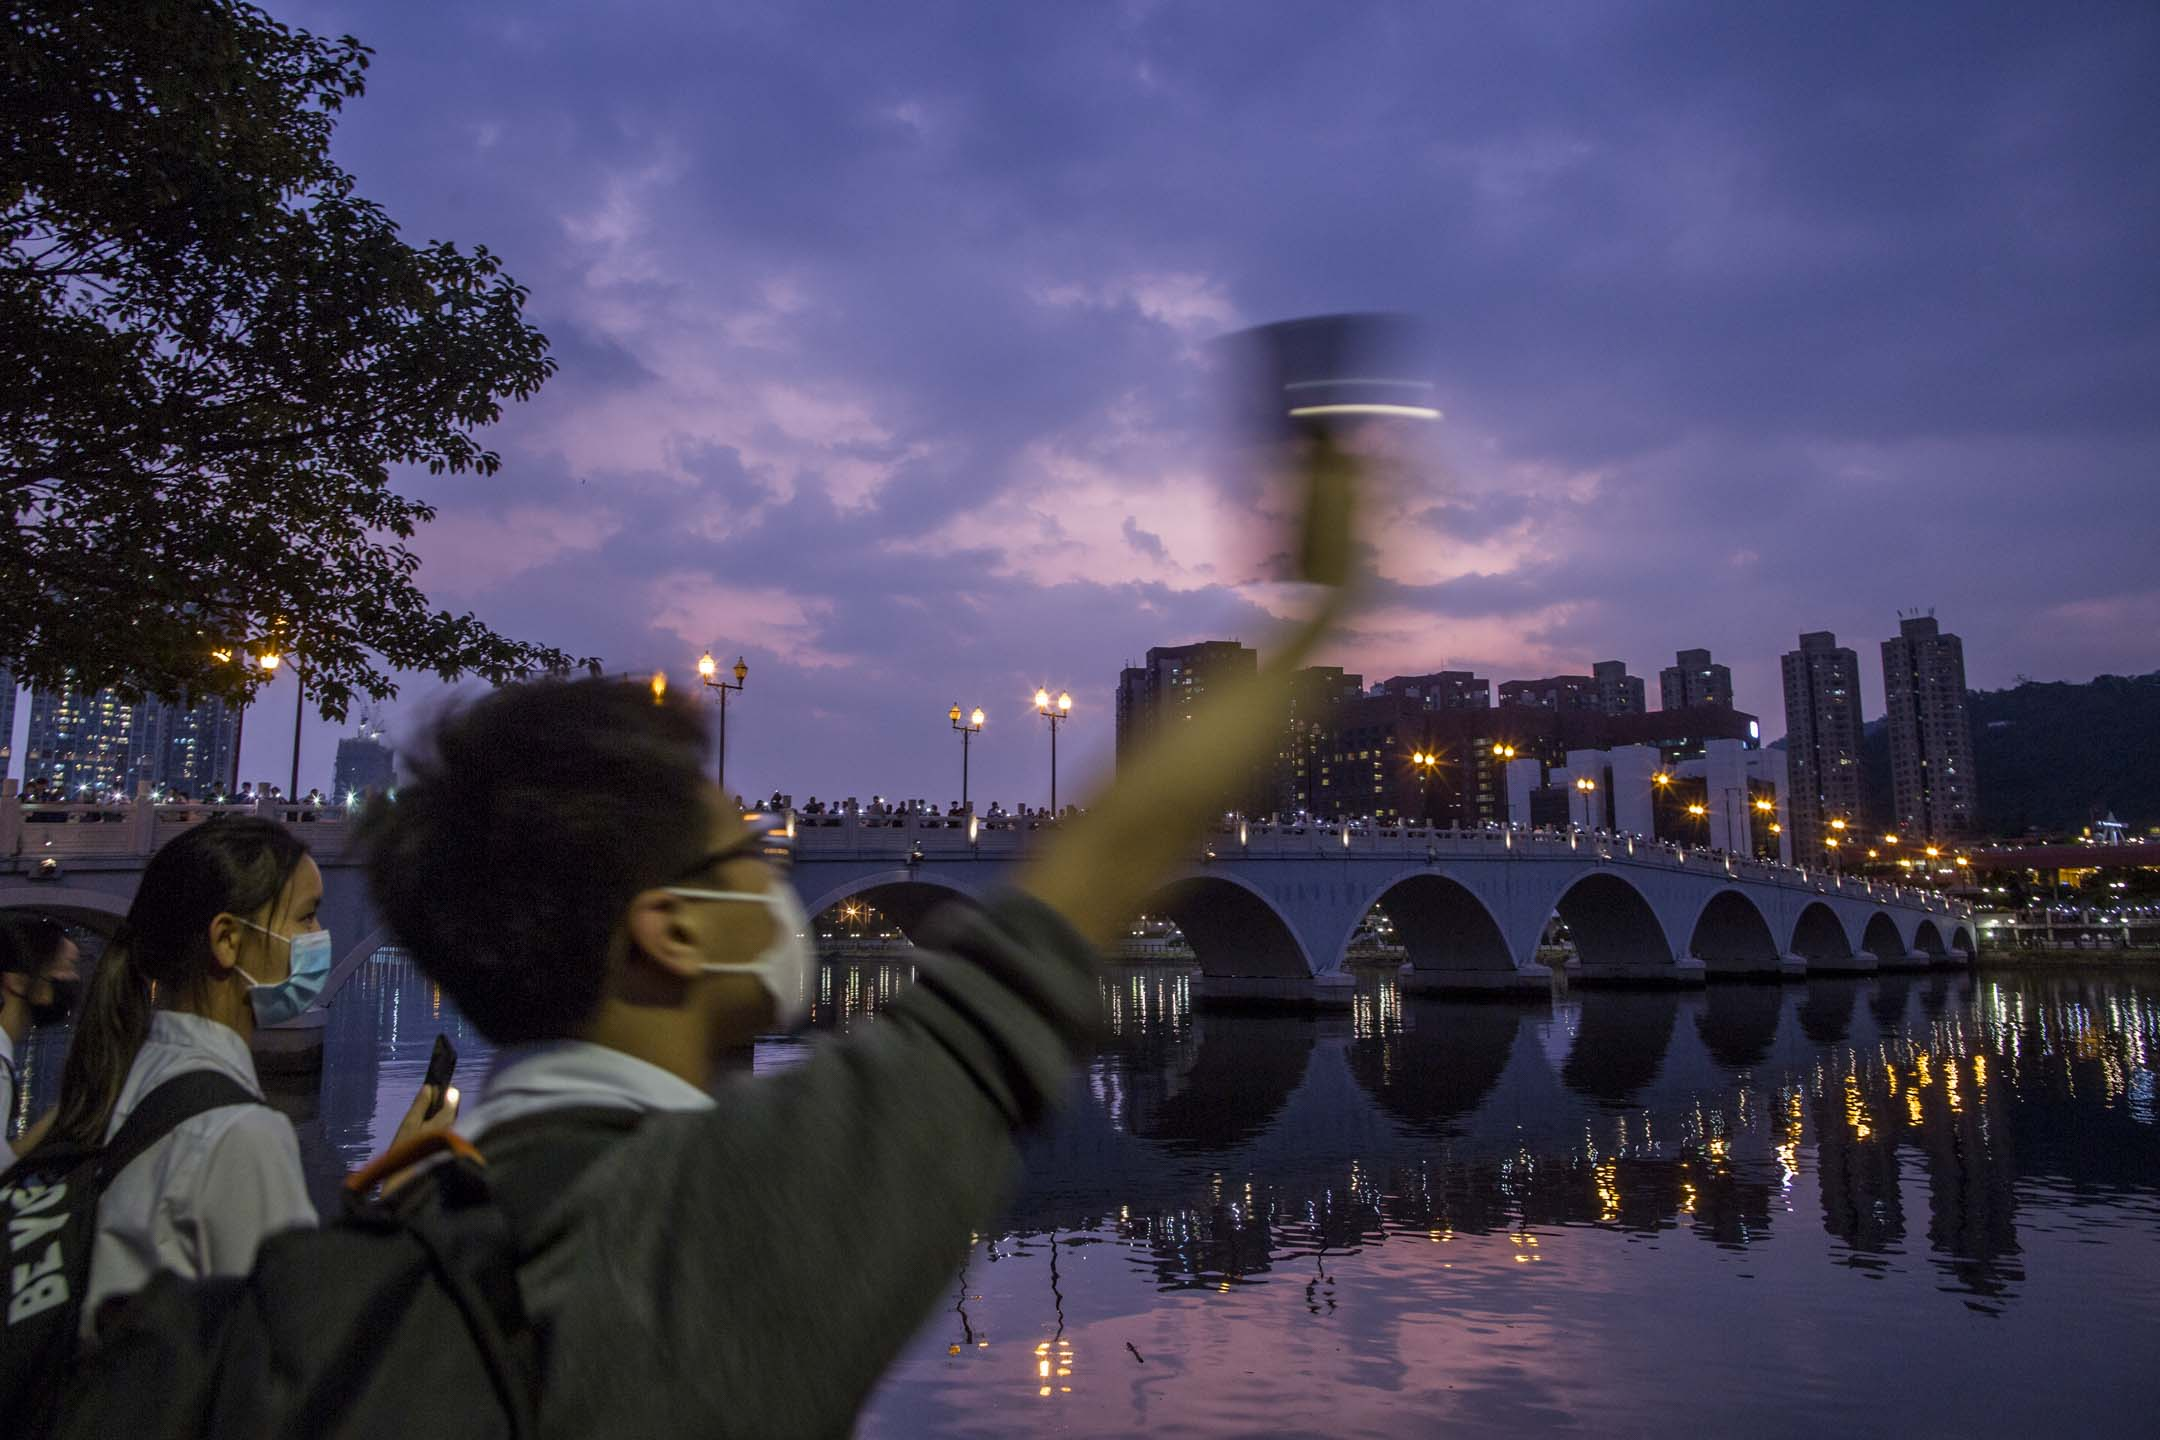 2019年9月19日,沙田區學界亦發起「沙田聯校人鏈」行動,區內多間中學學生將會手牽手築起人鏈,橫跨城門河,表達對五大訴求的堅持。  攝:林振東/端傳媒